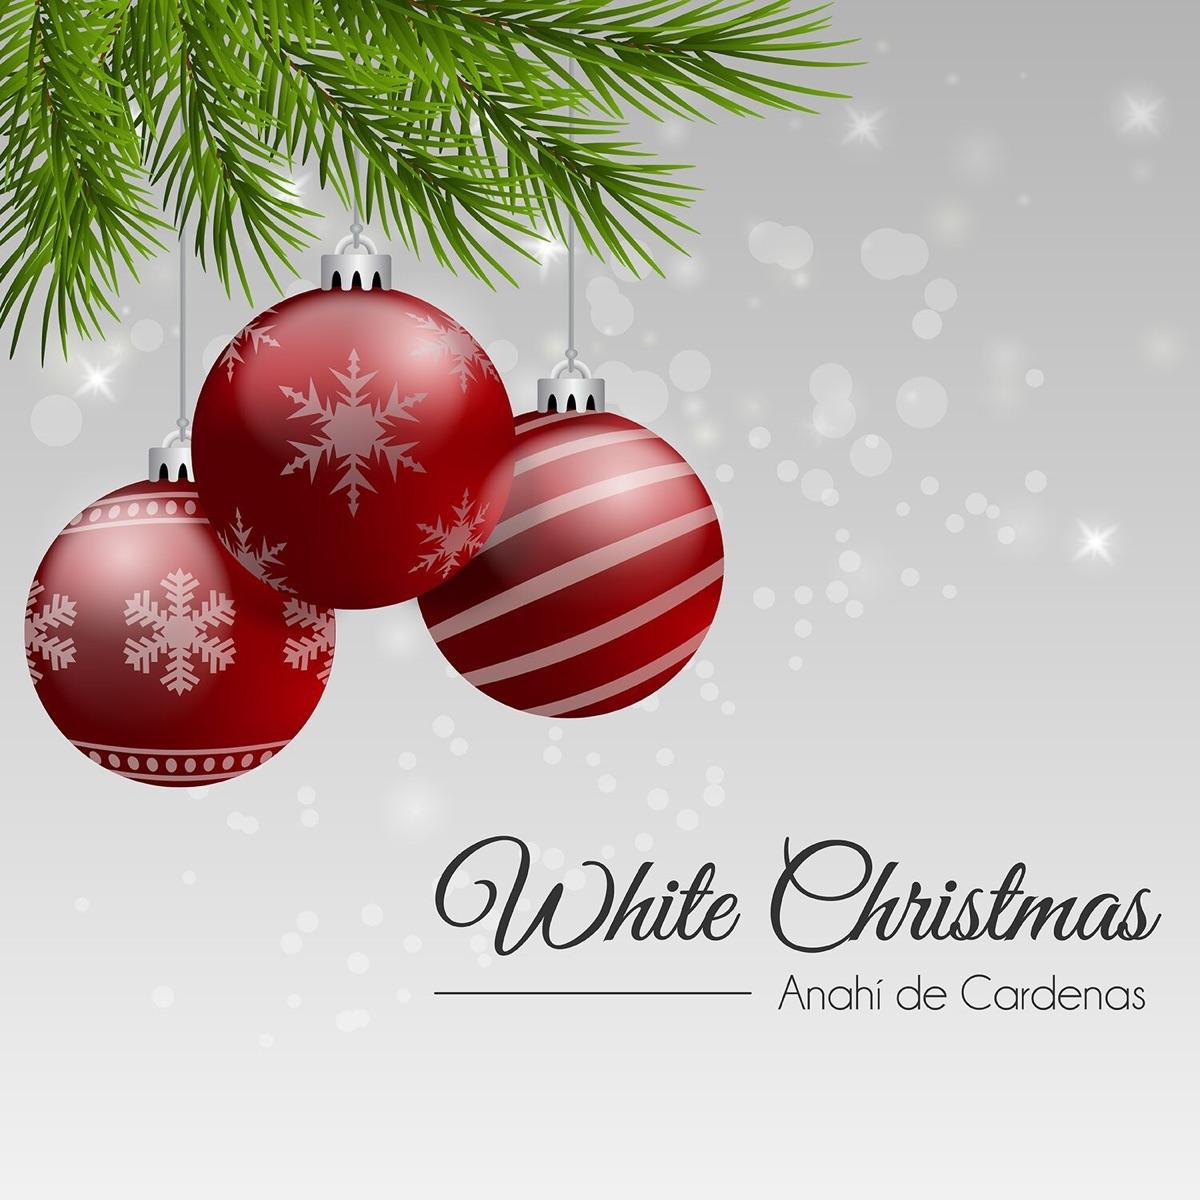 White Christmas - Single Album Cover by Anahi De Cardenas